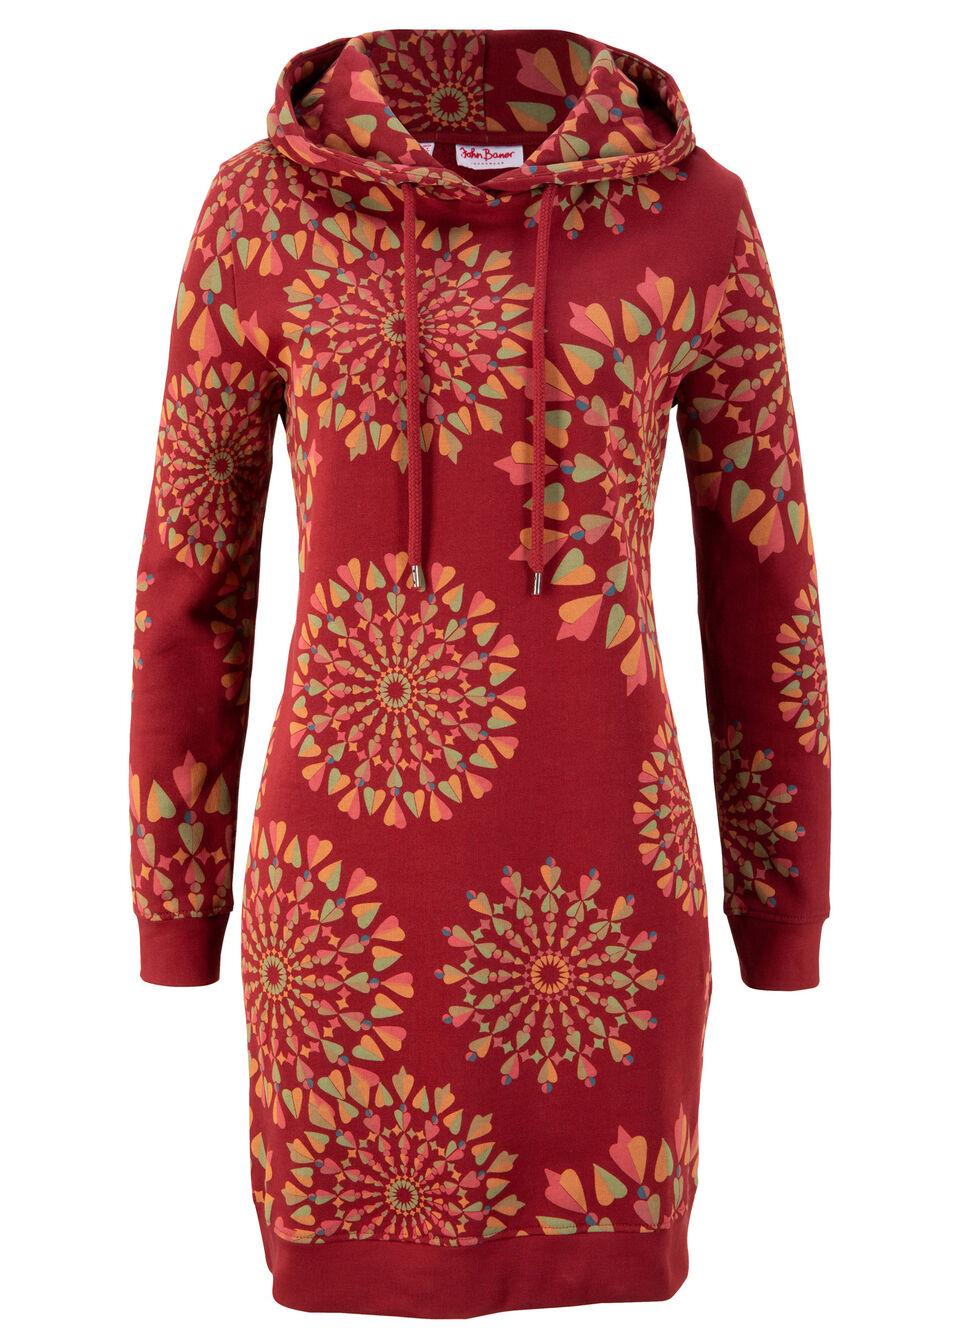 Sukienka dresowa z nadrukiem, długi rękaw bonprix czerwony kasztanowy z nadrukiem bonprix